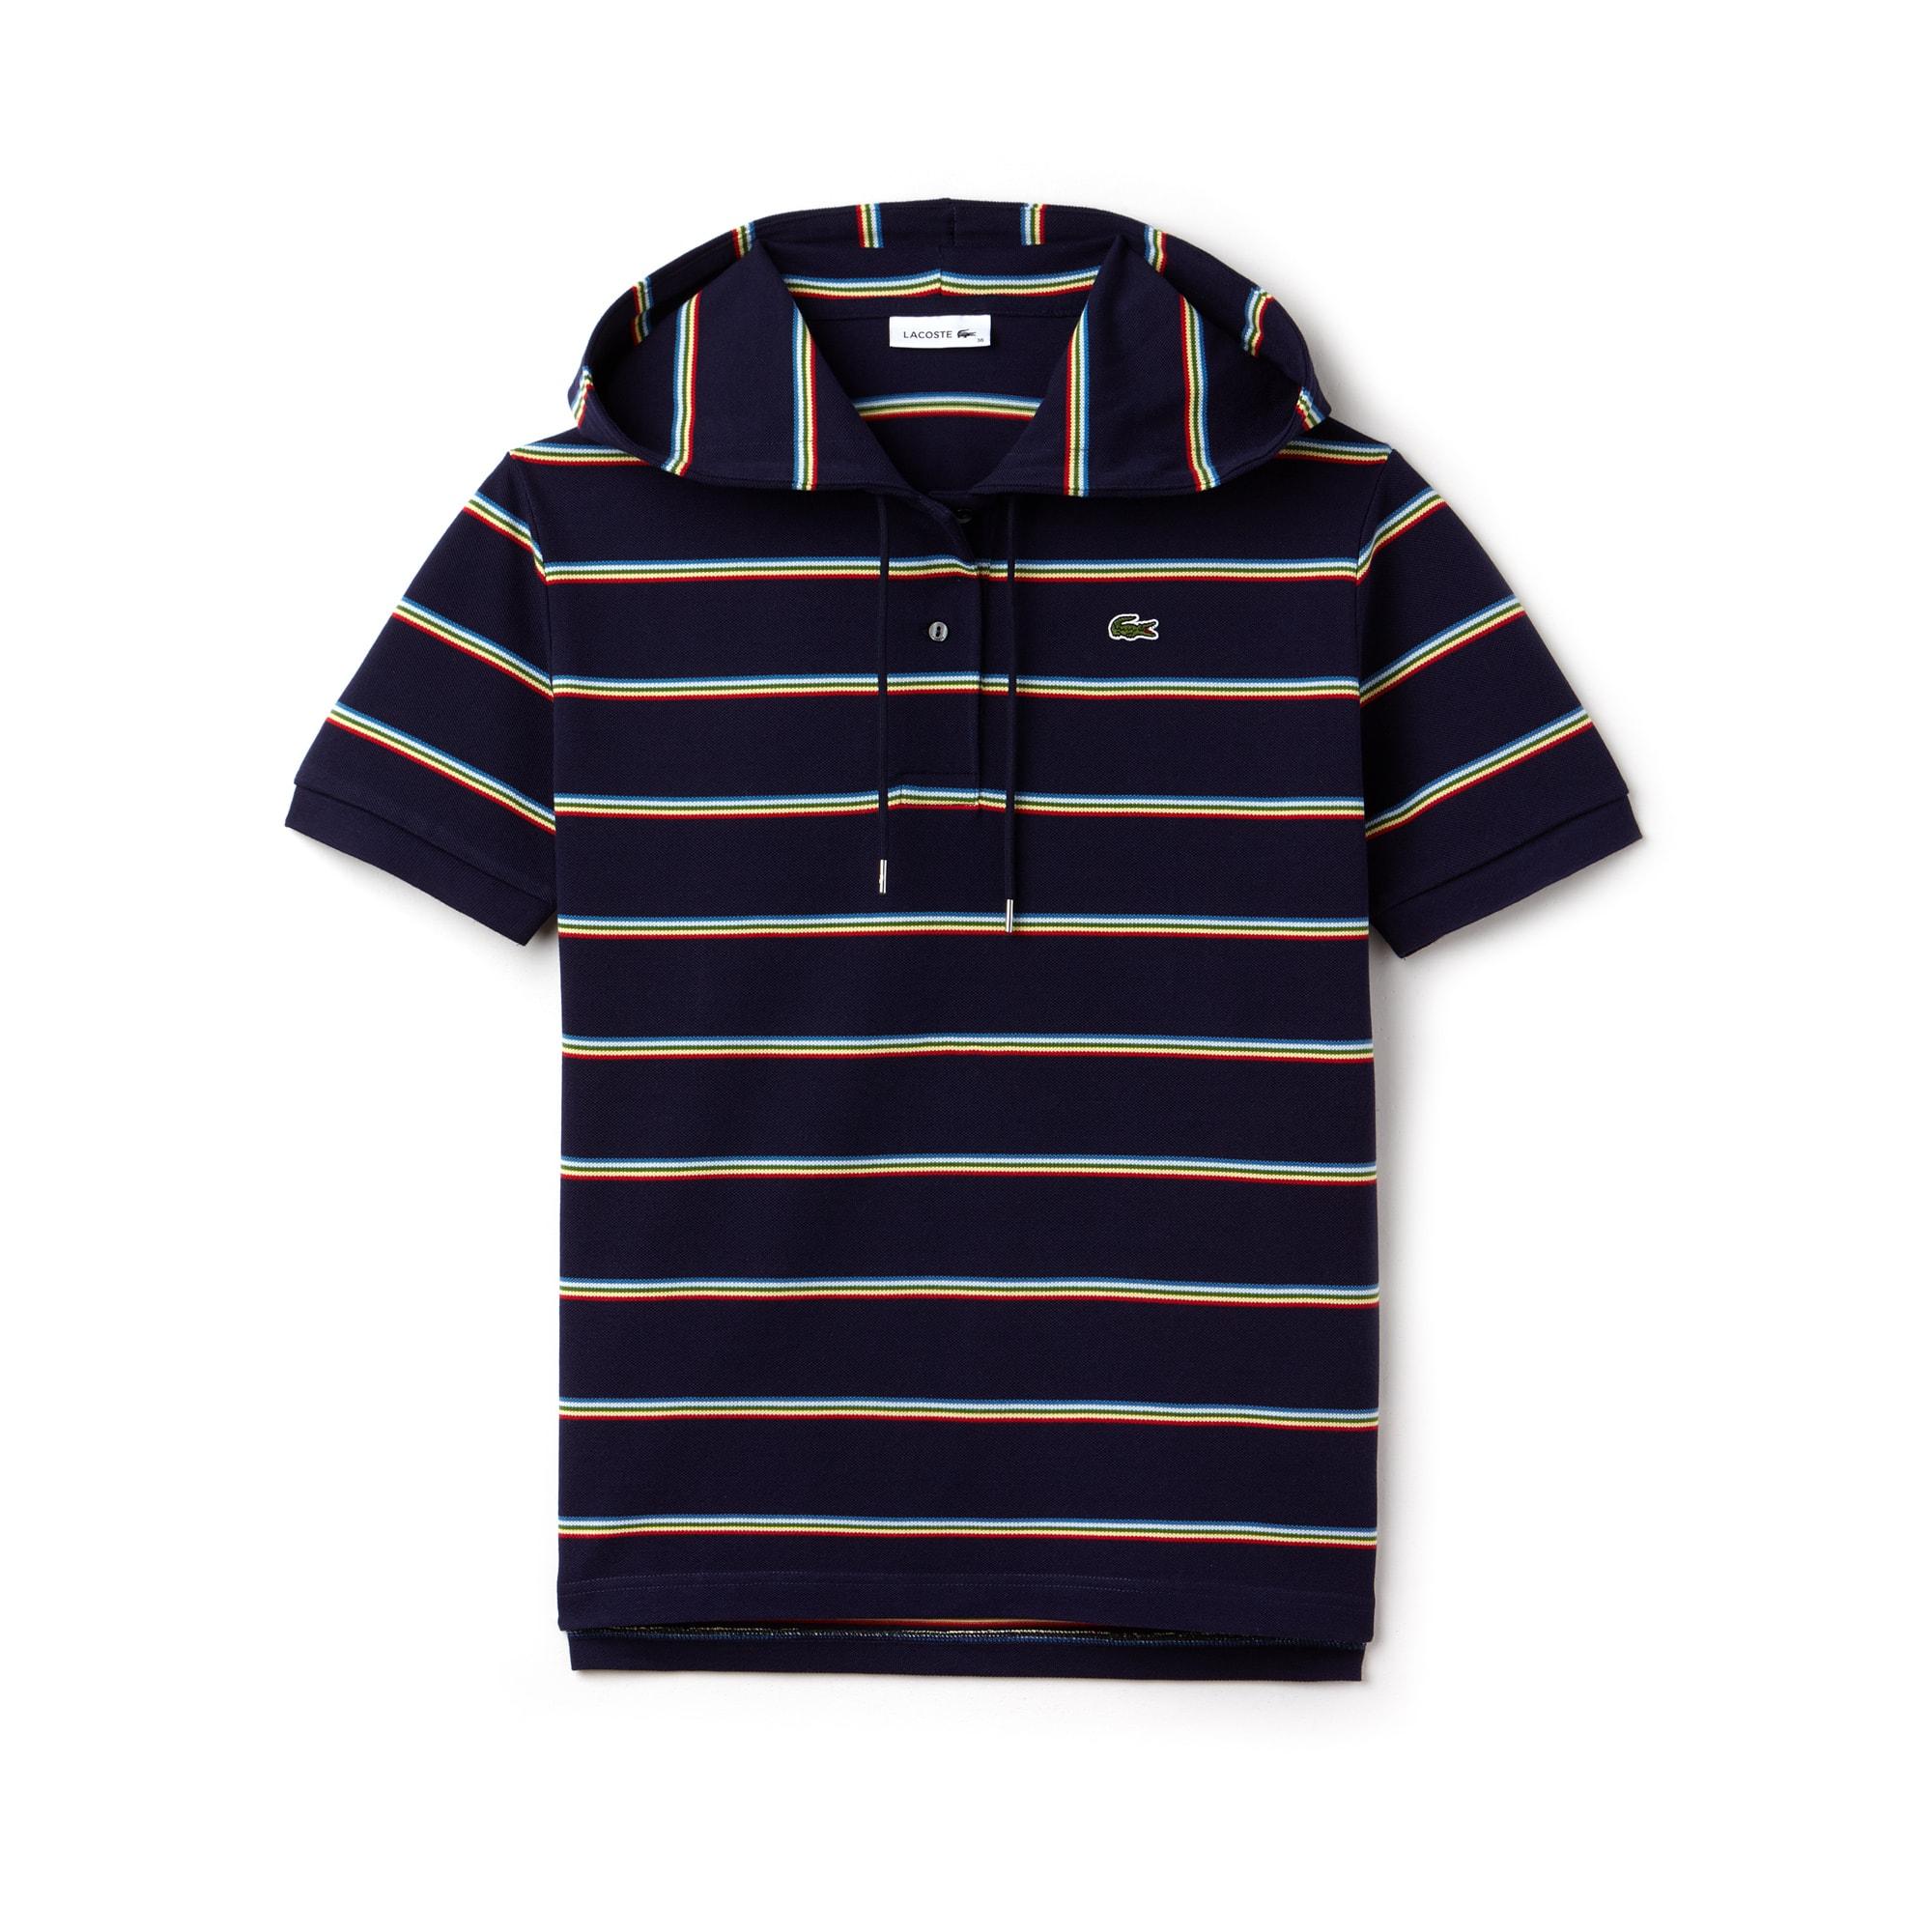 Women's Lacoste Hooded Cotton Piqué Polo Shirt